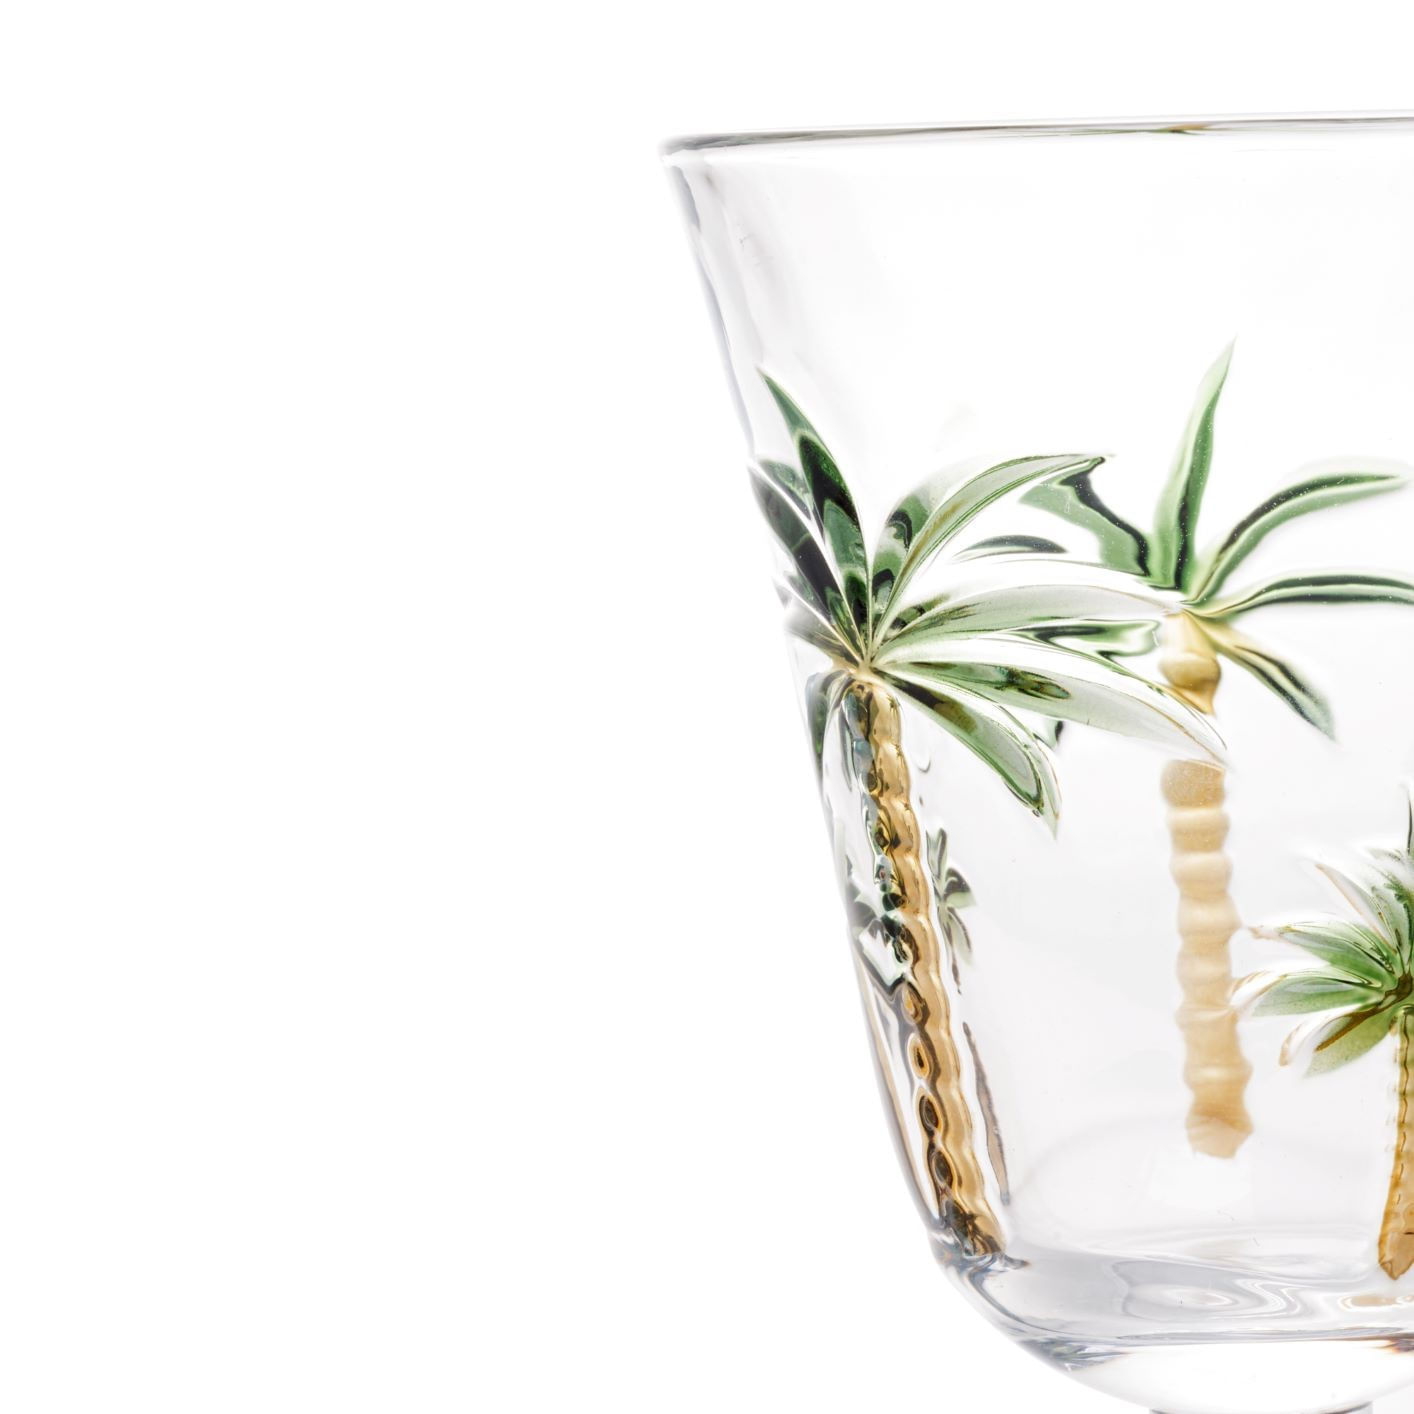 Kit 6 Taças de Cristal - Tropical Palm Pintadas à Mão 240ml